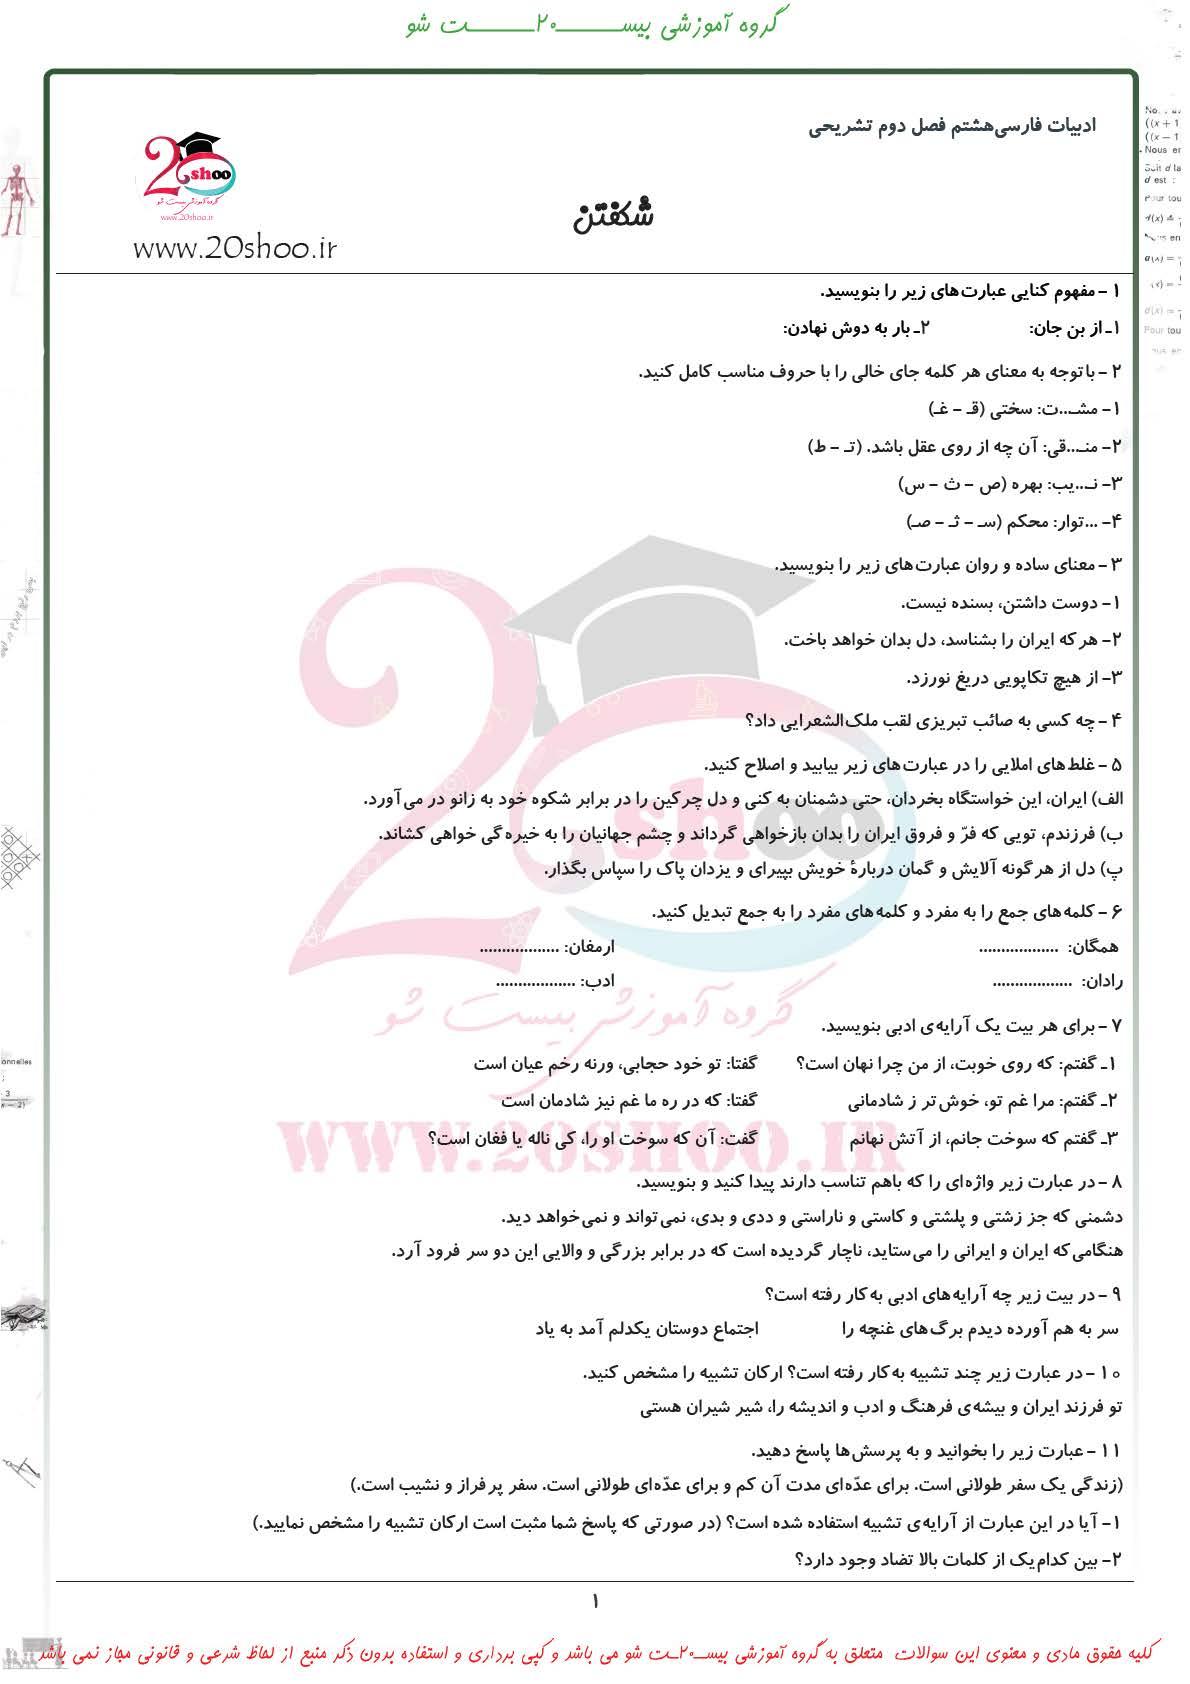 سوالات تشریحی ادبیات فارسی هشتم فصل دوم